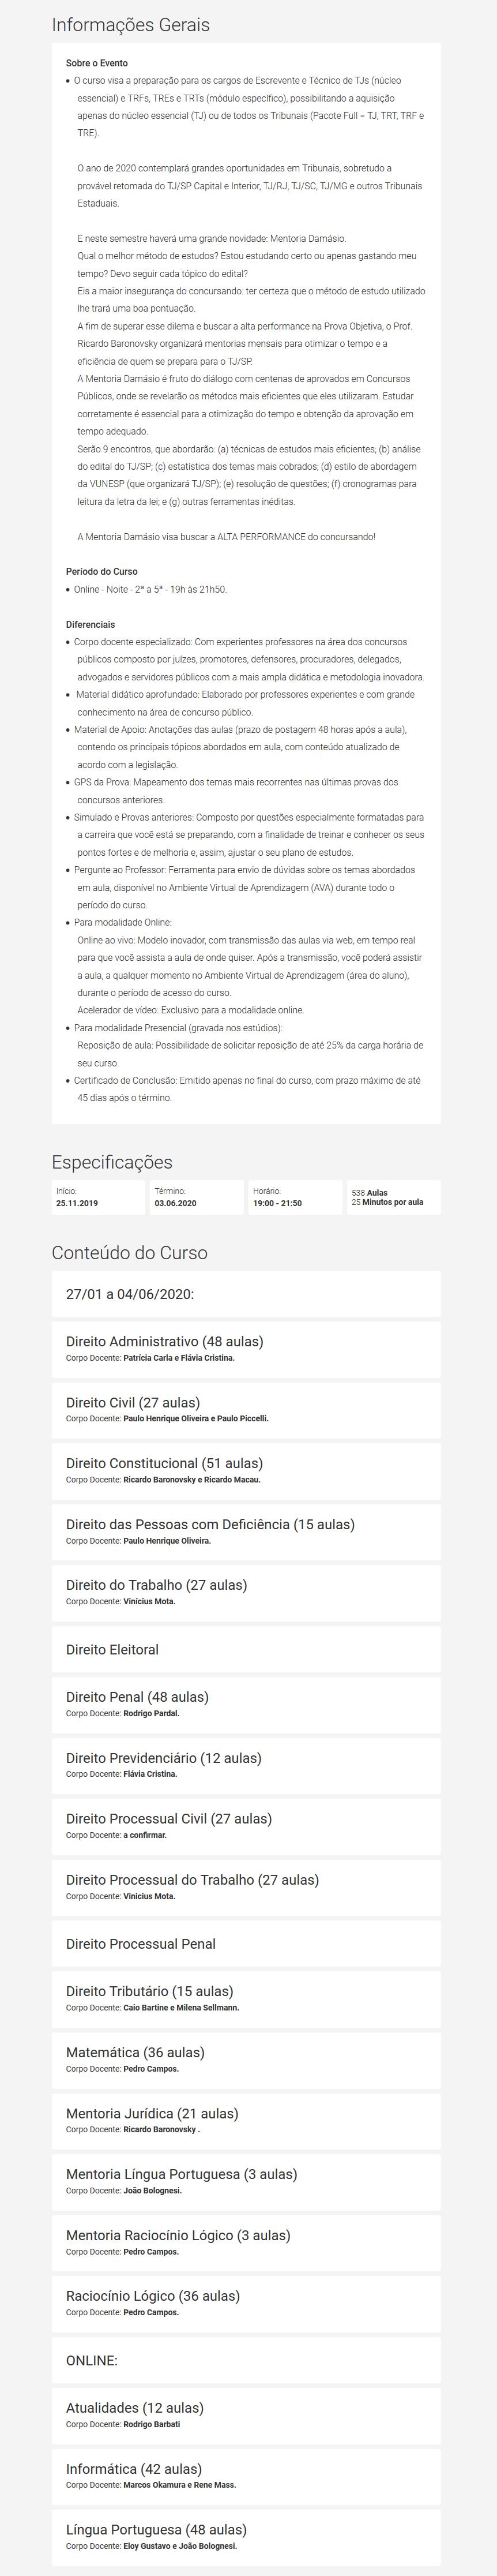 Escrevente_e_Técnico_dos_Tribunais_Full_